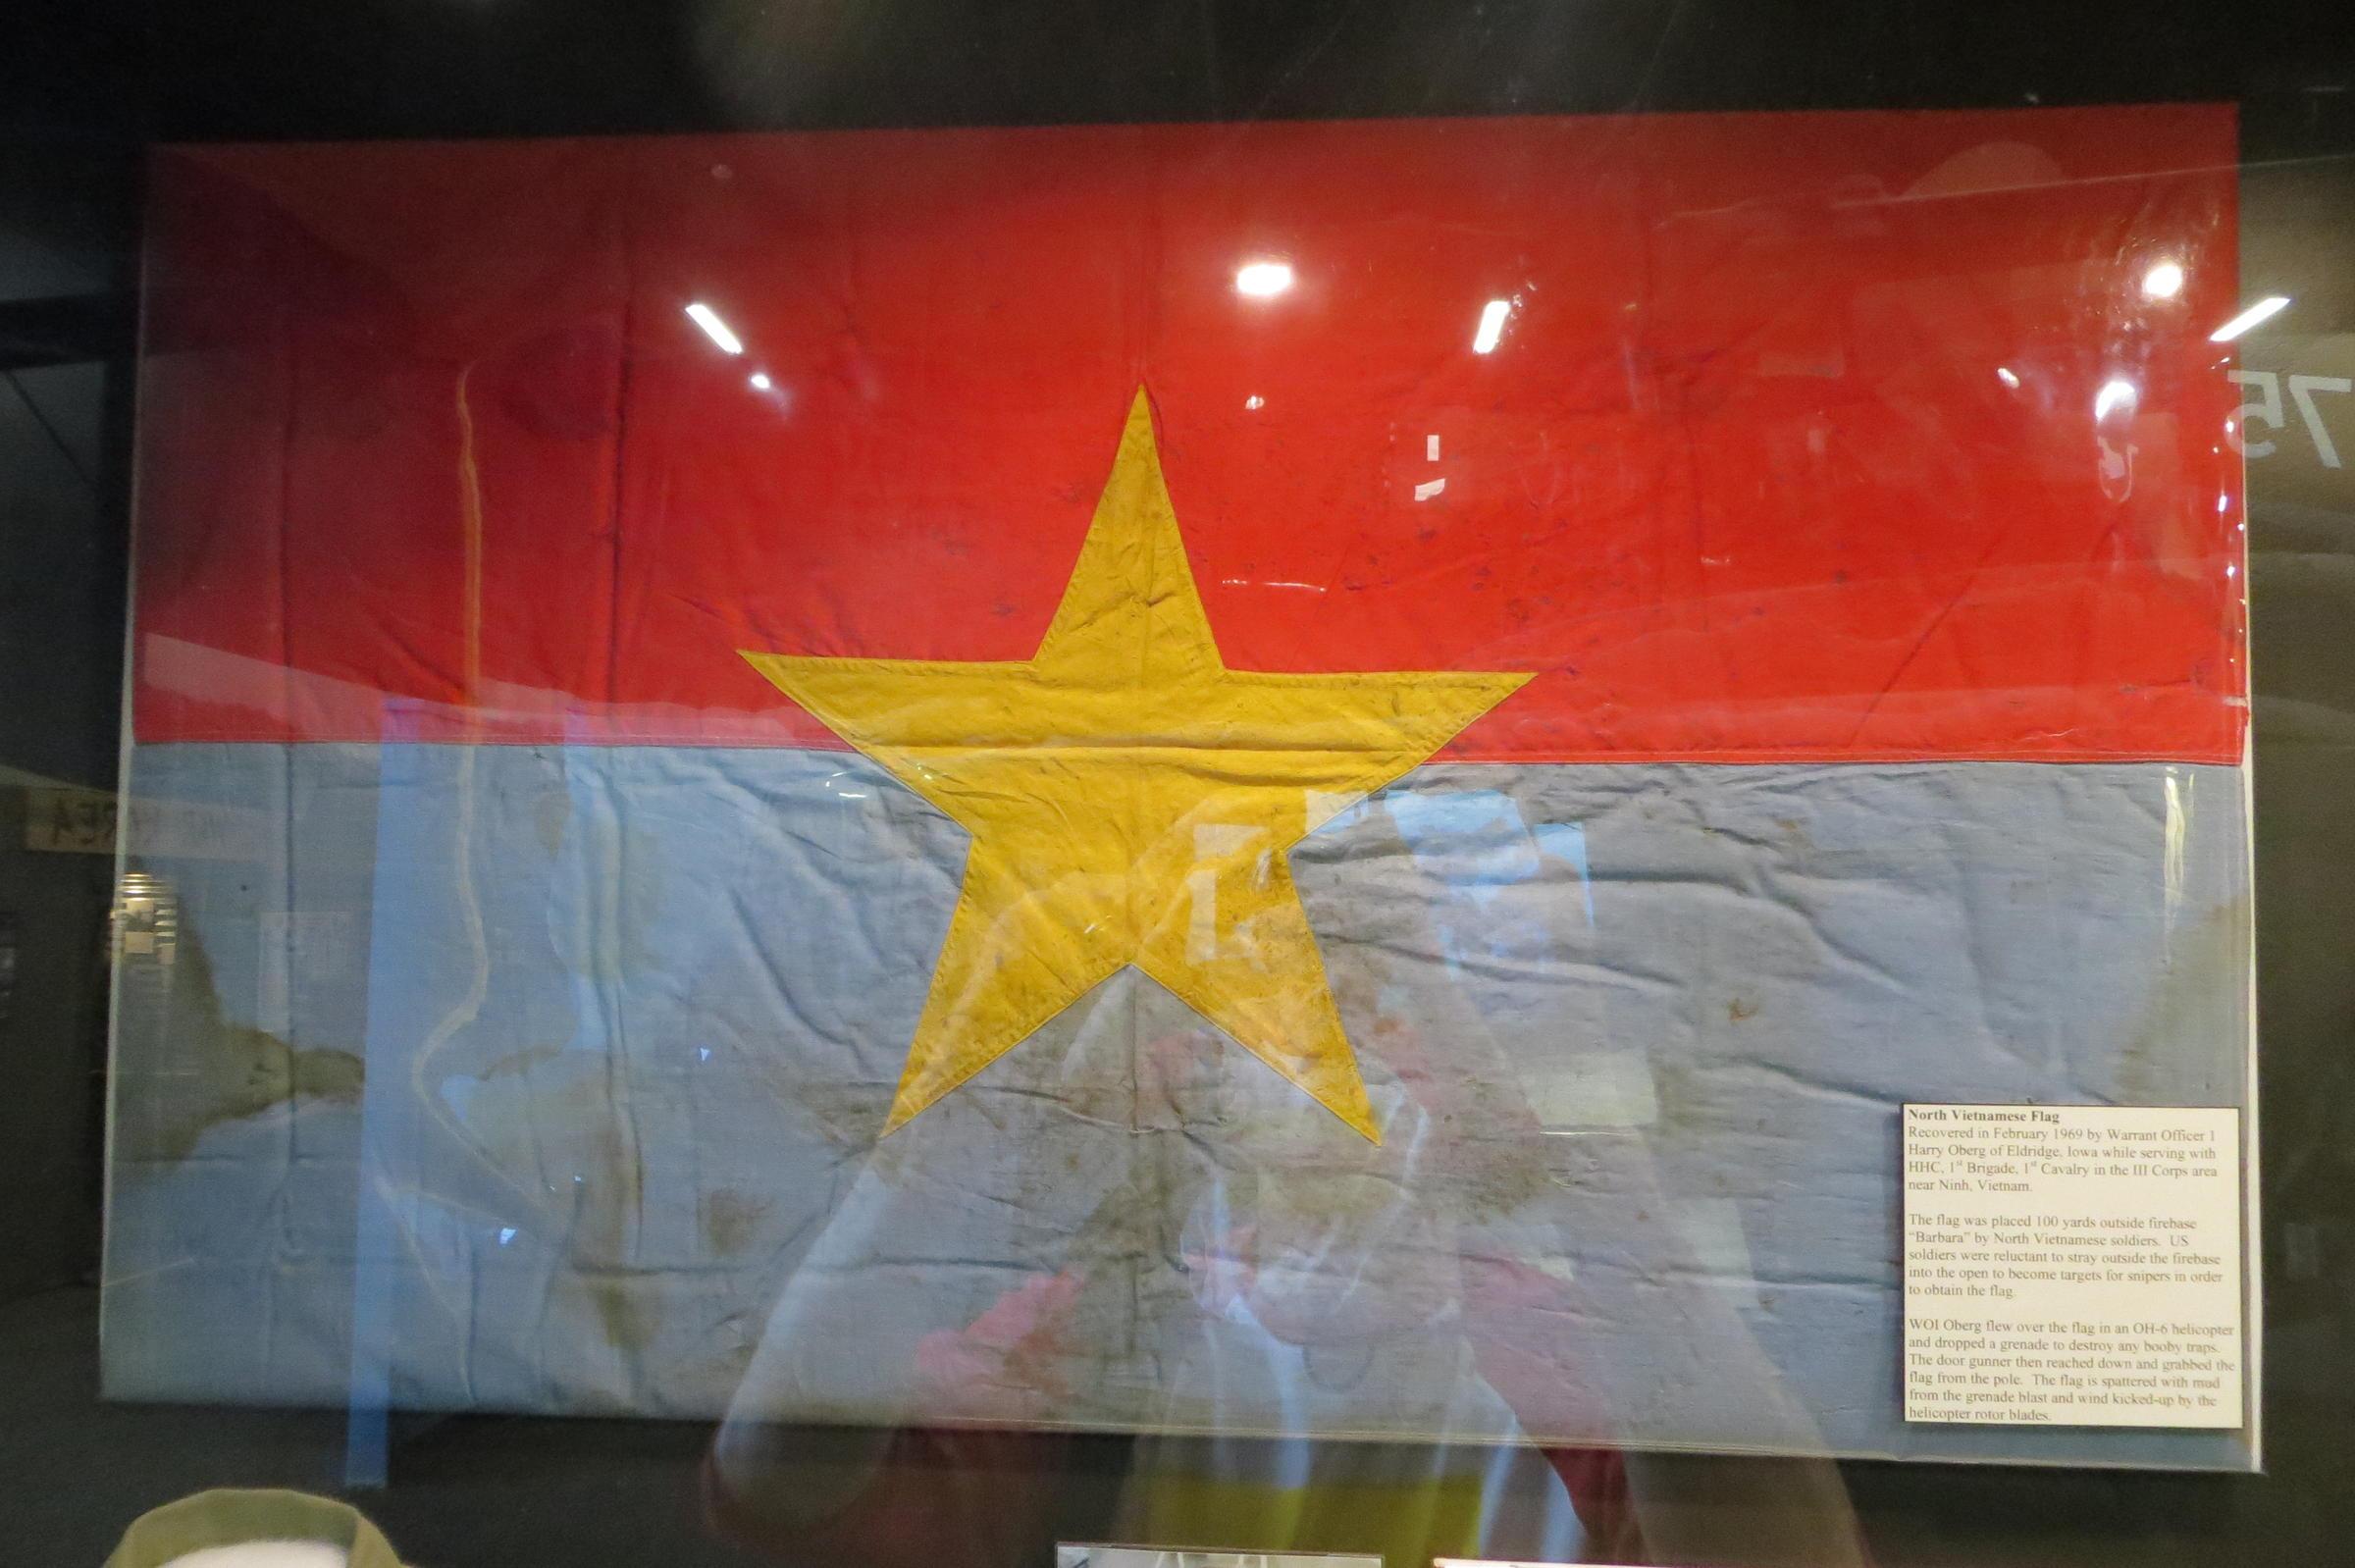 vietnam war exhibit is open